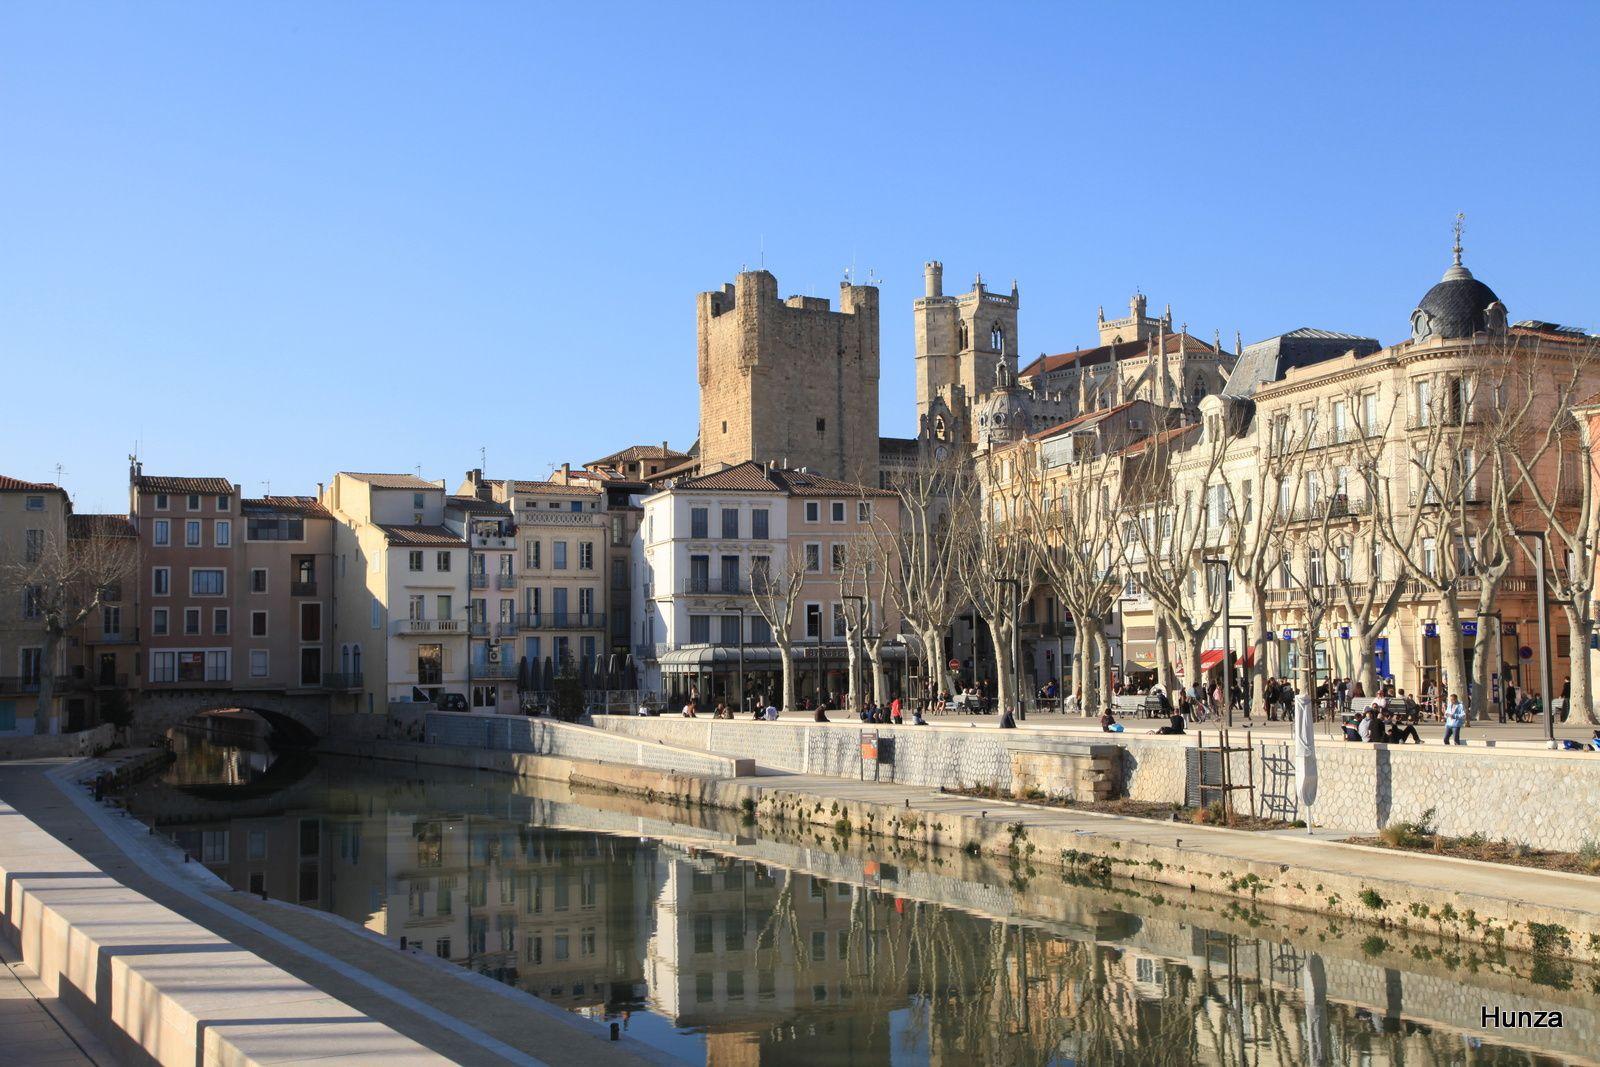 De gauche à droite, le pont des Marchands, le donjon et les tours de la cathédrale